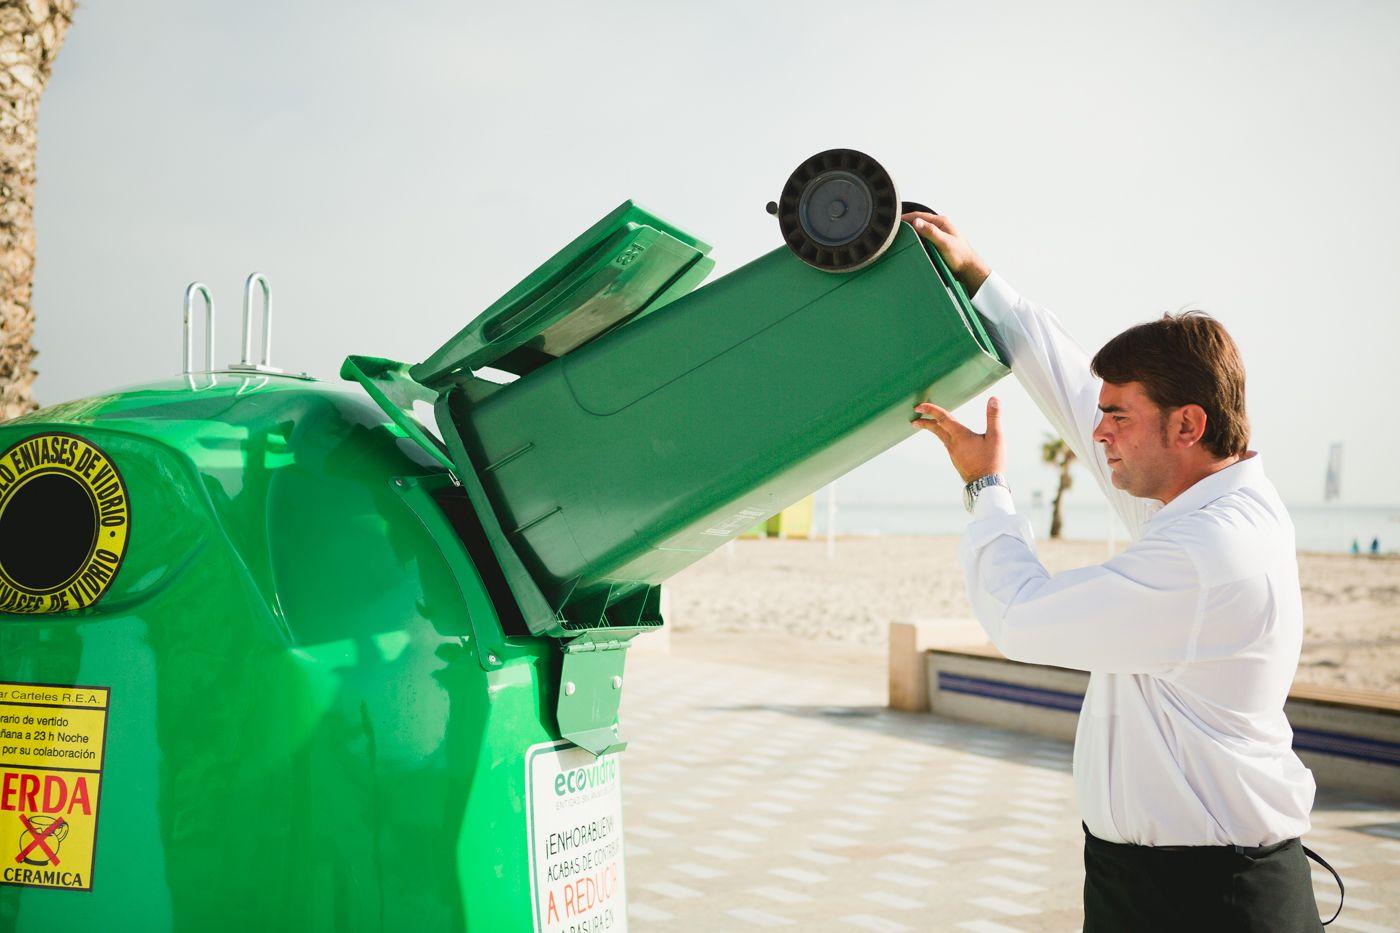 hosteleros reciclando vidrio